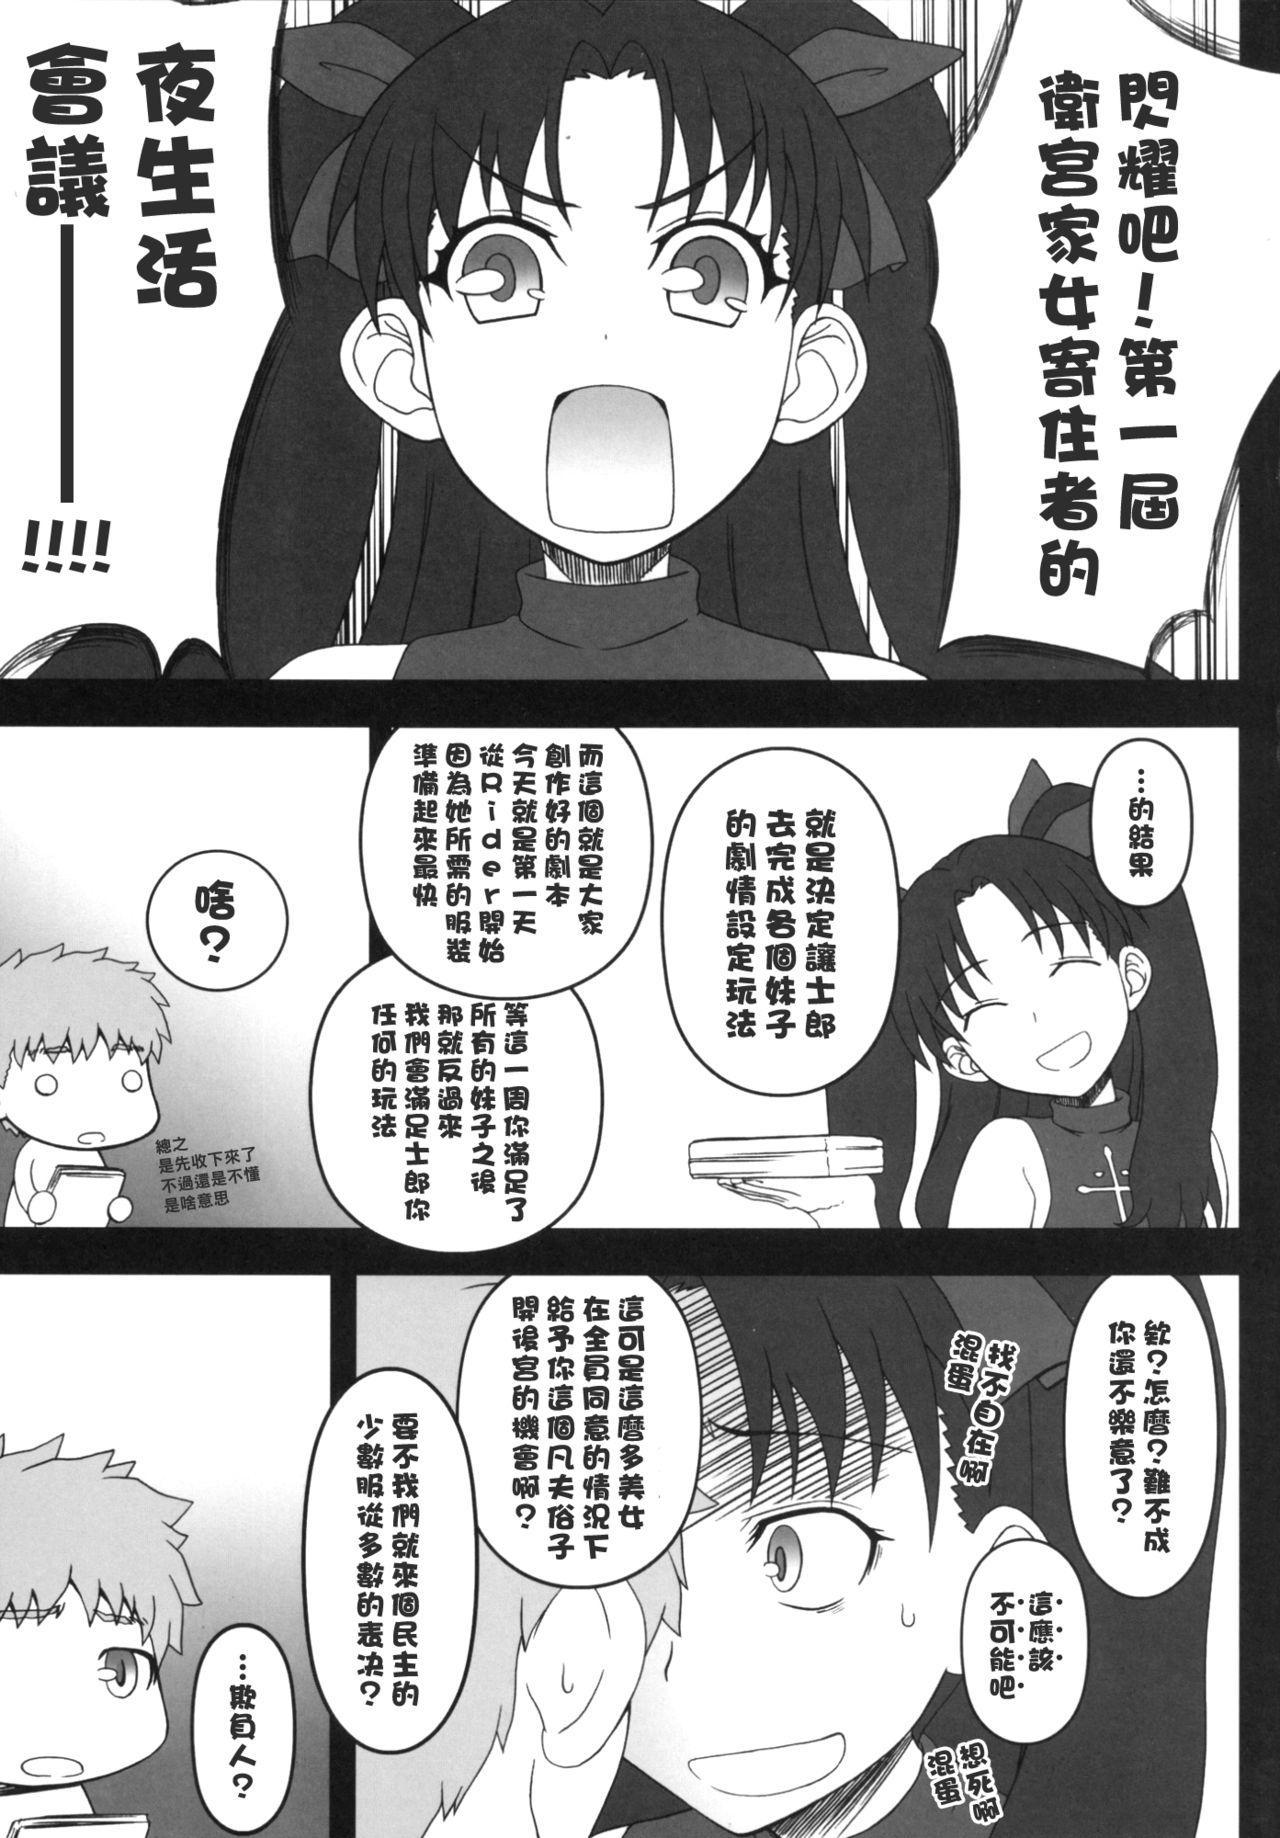 Rider-san ni Yobai wo Onegai Saremashita. 4